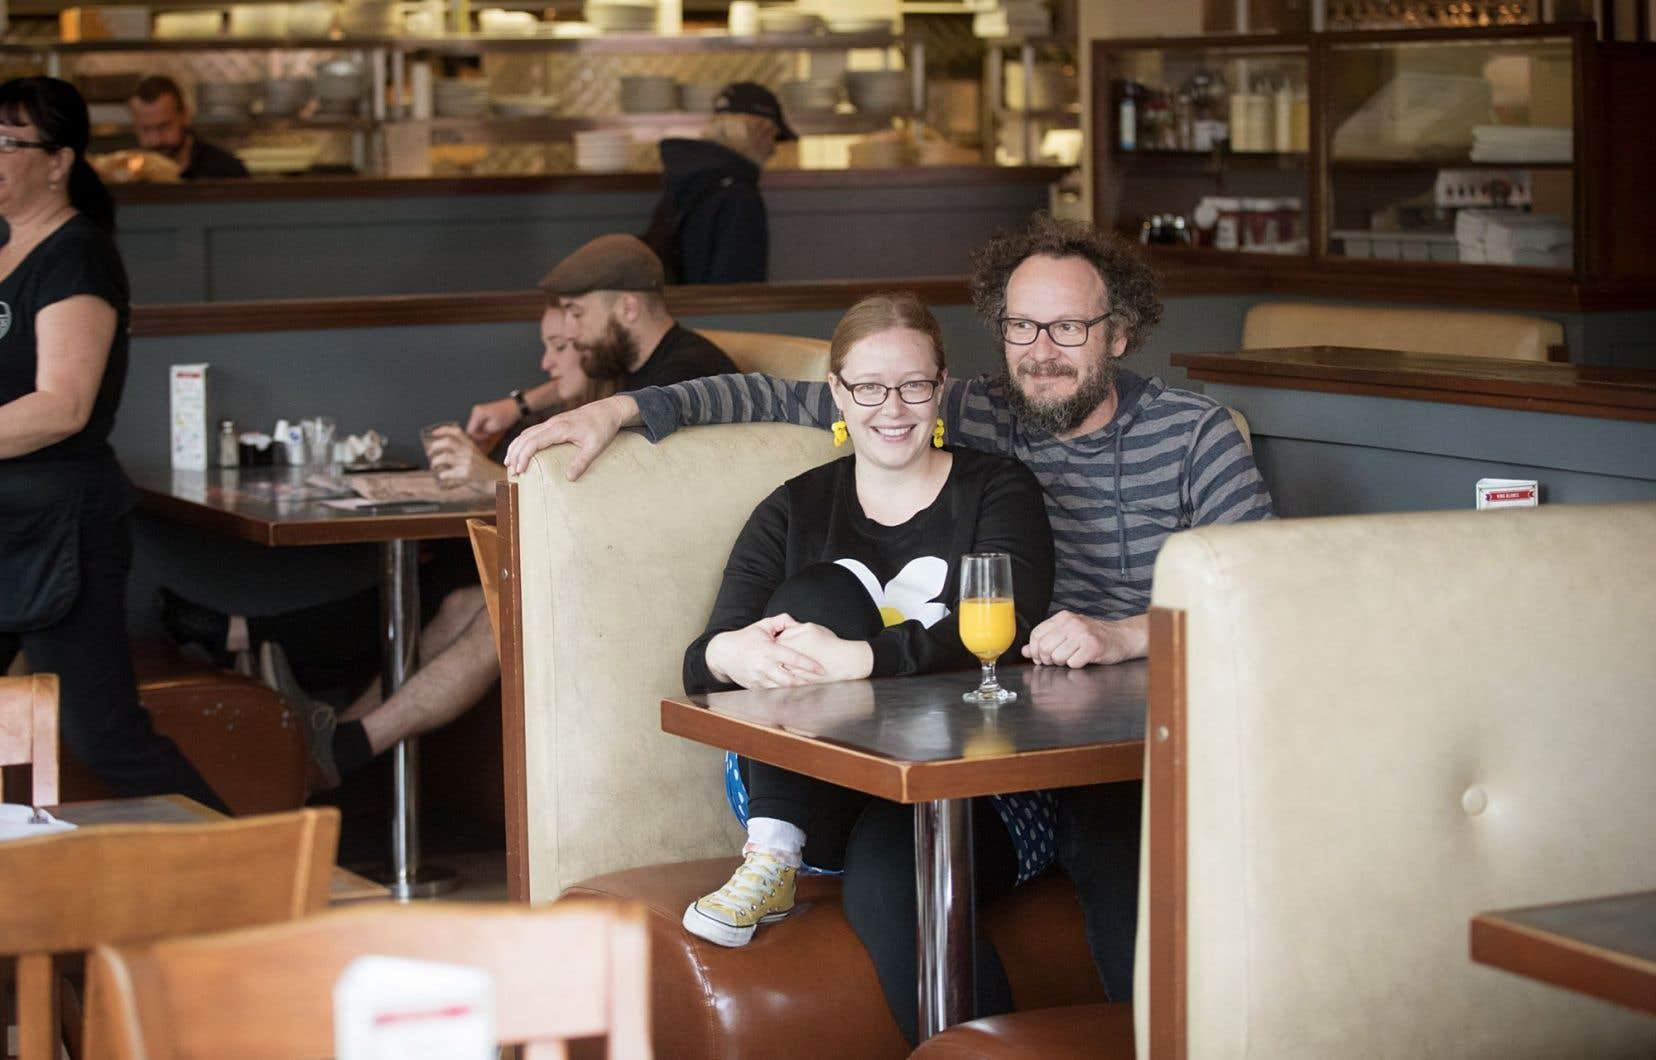 Kathleen Aubert et Stéfan Cédilot cultivent une véritable passion pour le festival Fringe.